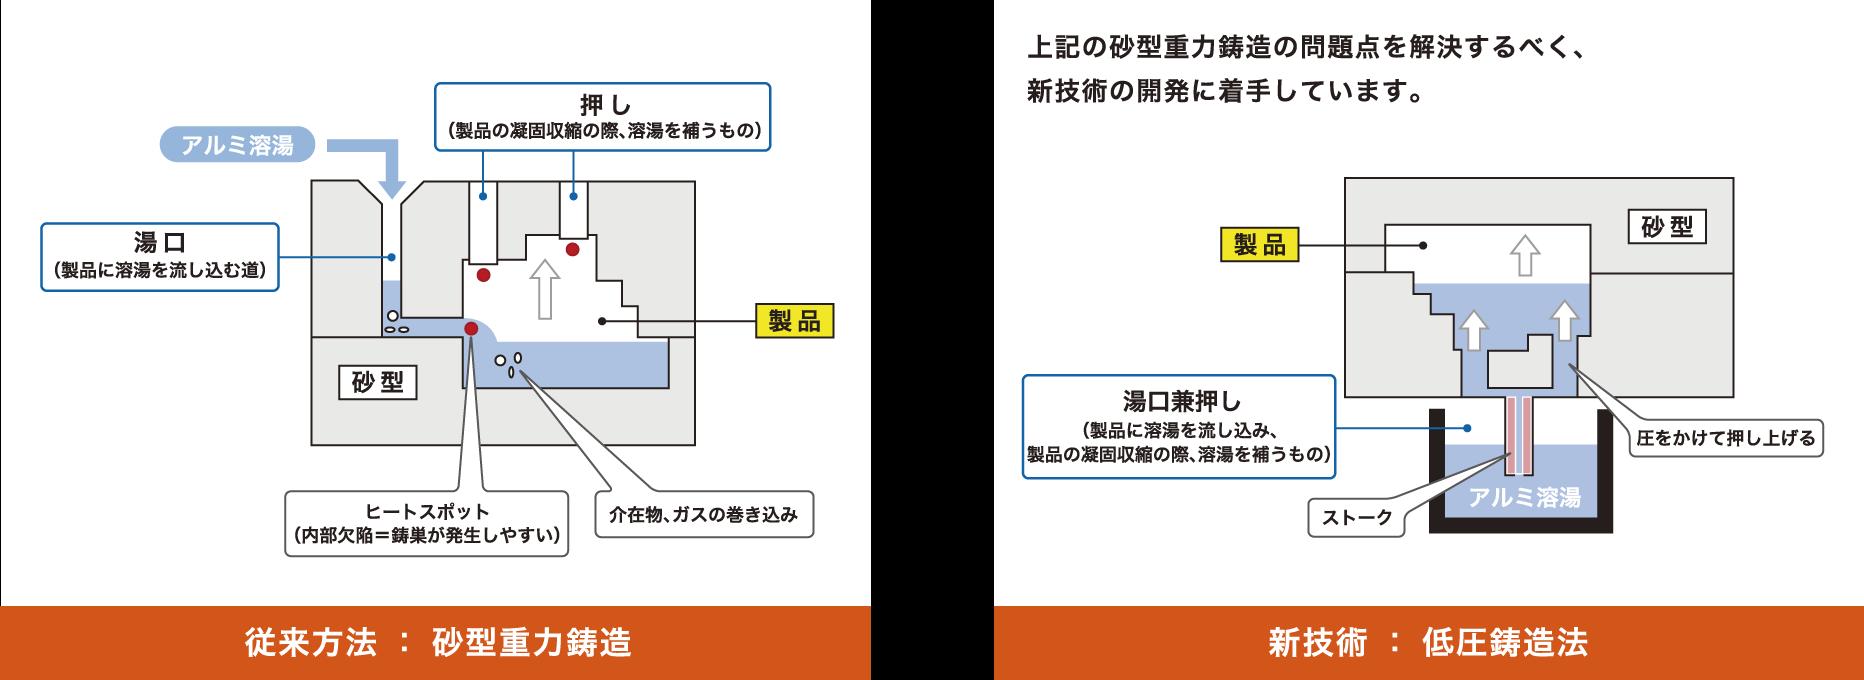 従来方法 : 砂型重力鋳造 新技術 : 砂型重力鋳造 比較図